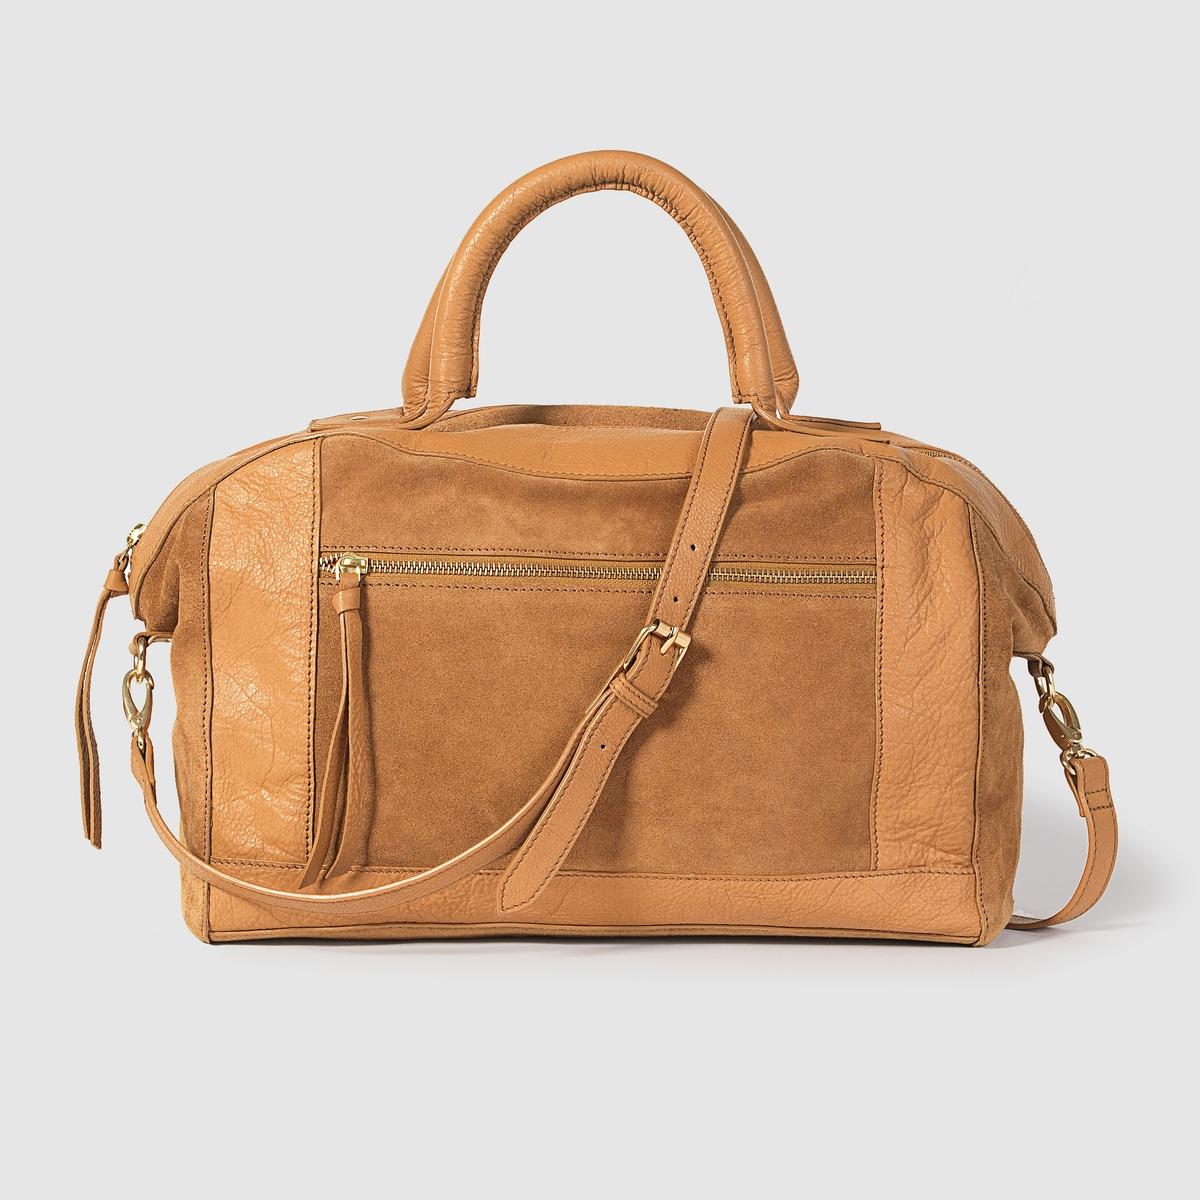 Сумка-мешок кожаныйПреимущества : Кожа является главным, но не единственным преимуществом, так как в сумке достаточно места, чтобы положить все необходимое или почти все.<br><br>Цвет: темно-бежевый